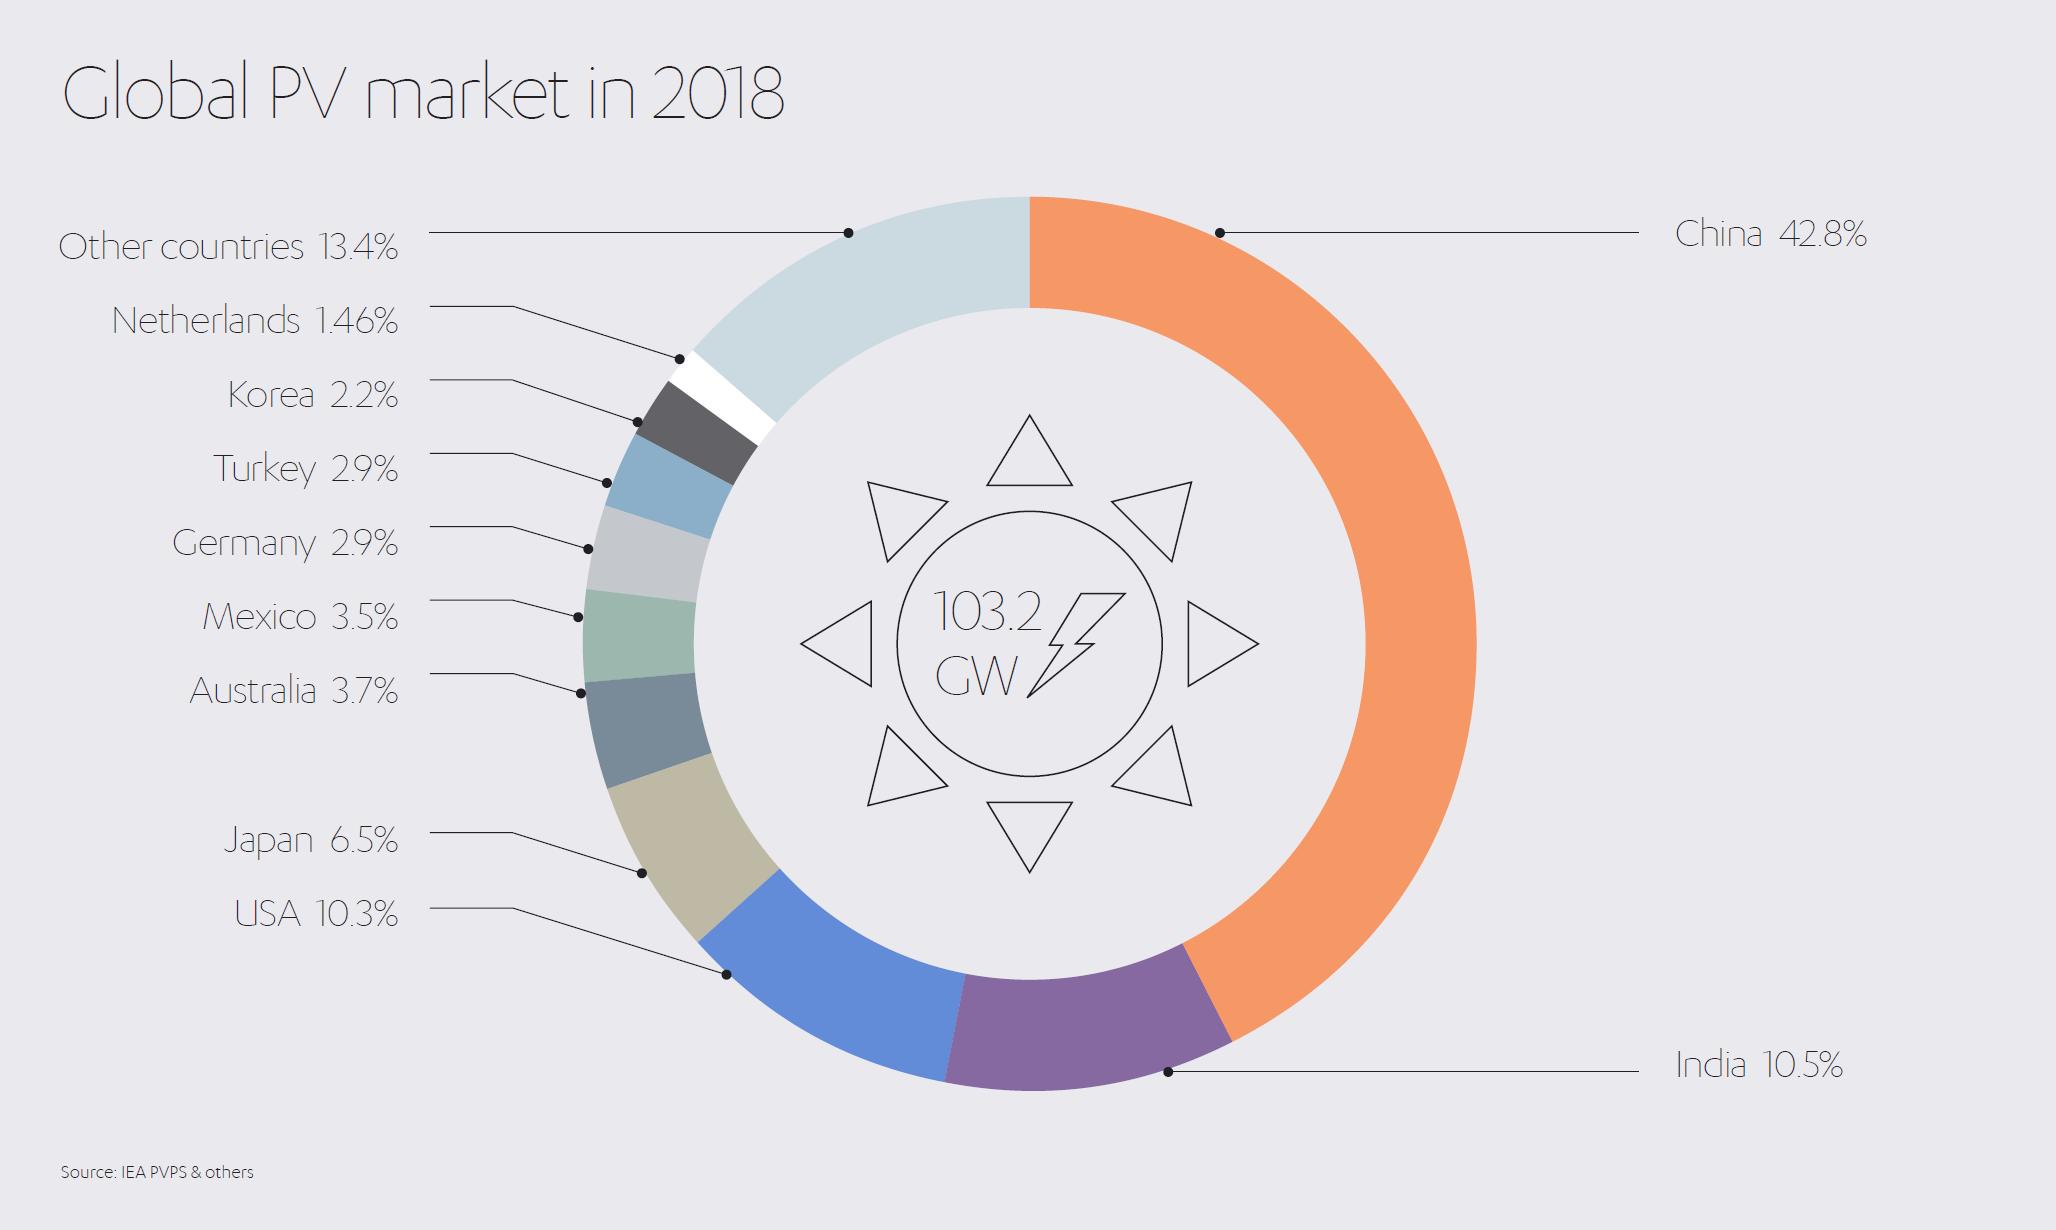 Global PV Market in 2018